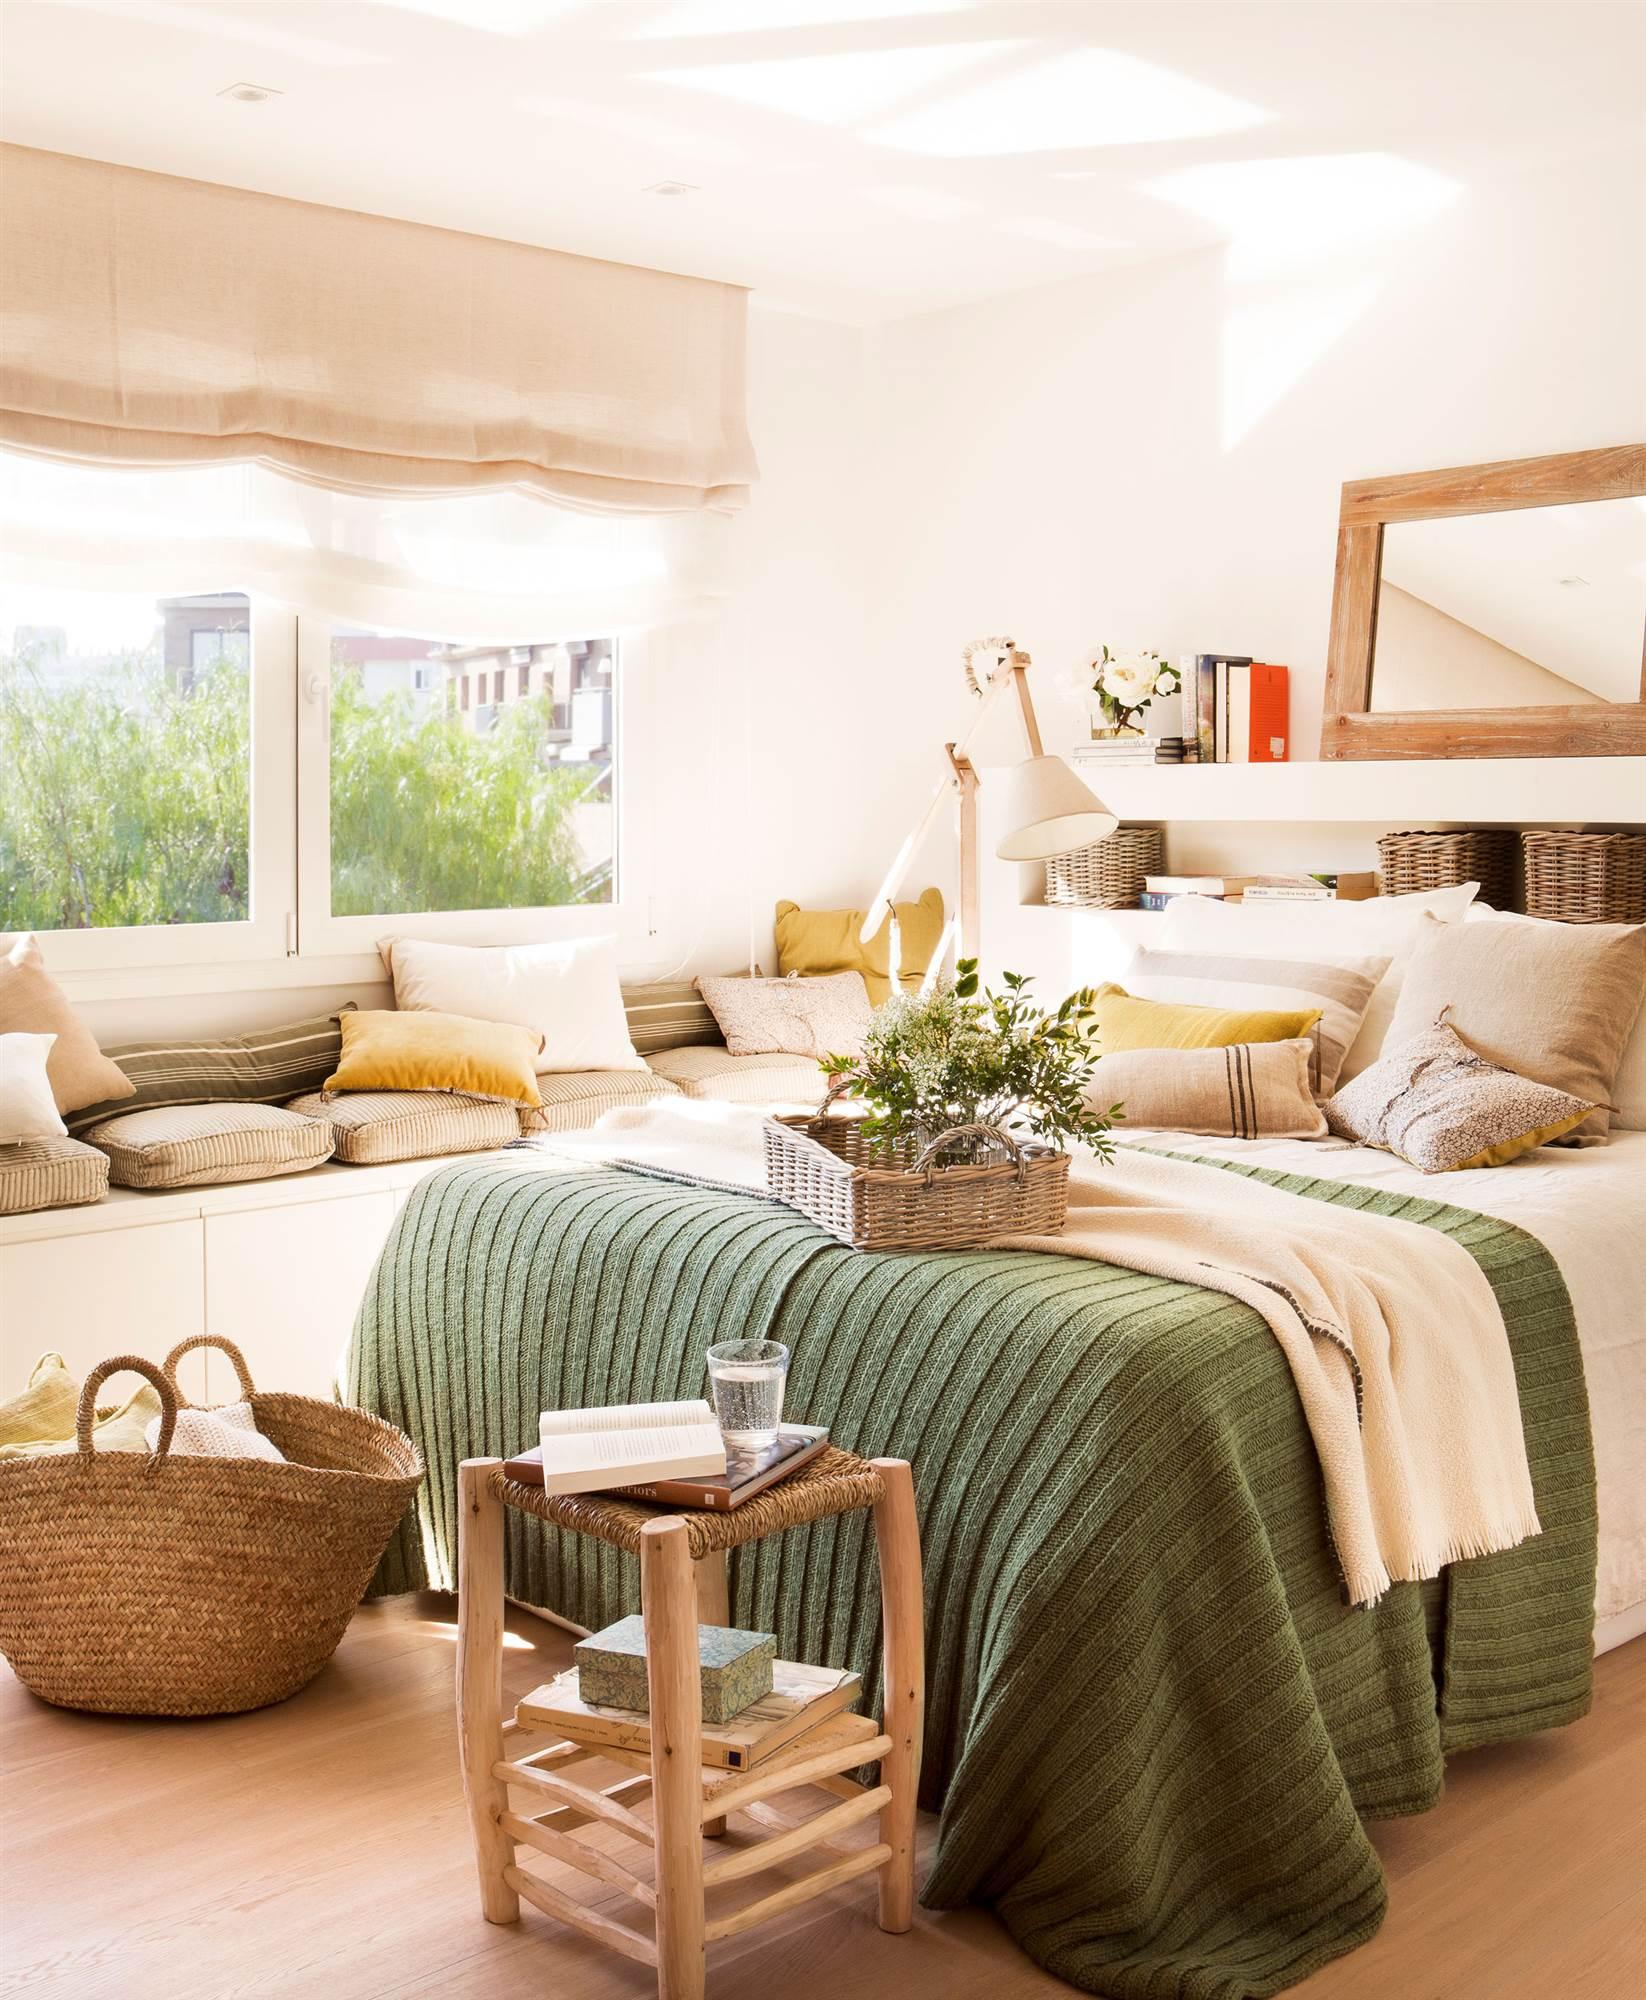 Cabeceros de cama de madera r sticos decorados o - Cabeceros de cama rusticos ...